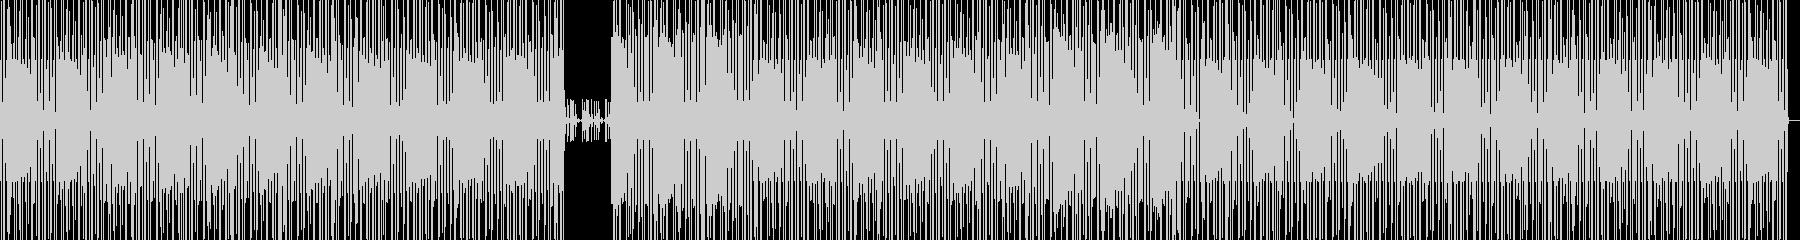 ディスコファンキーハウスの未再生の波形